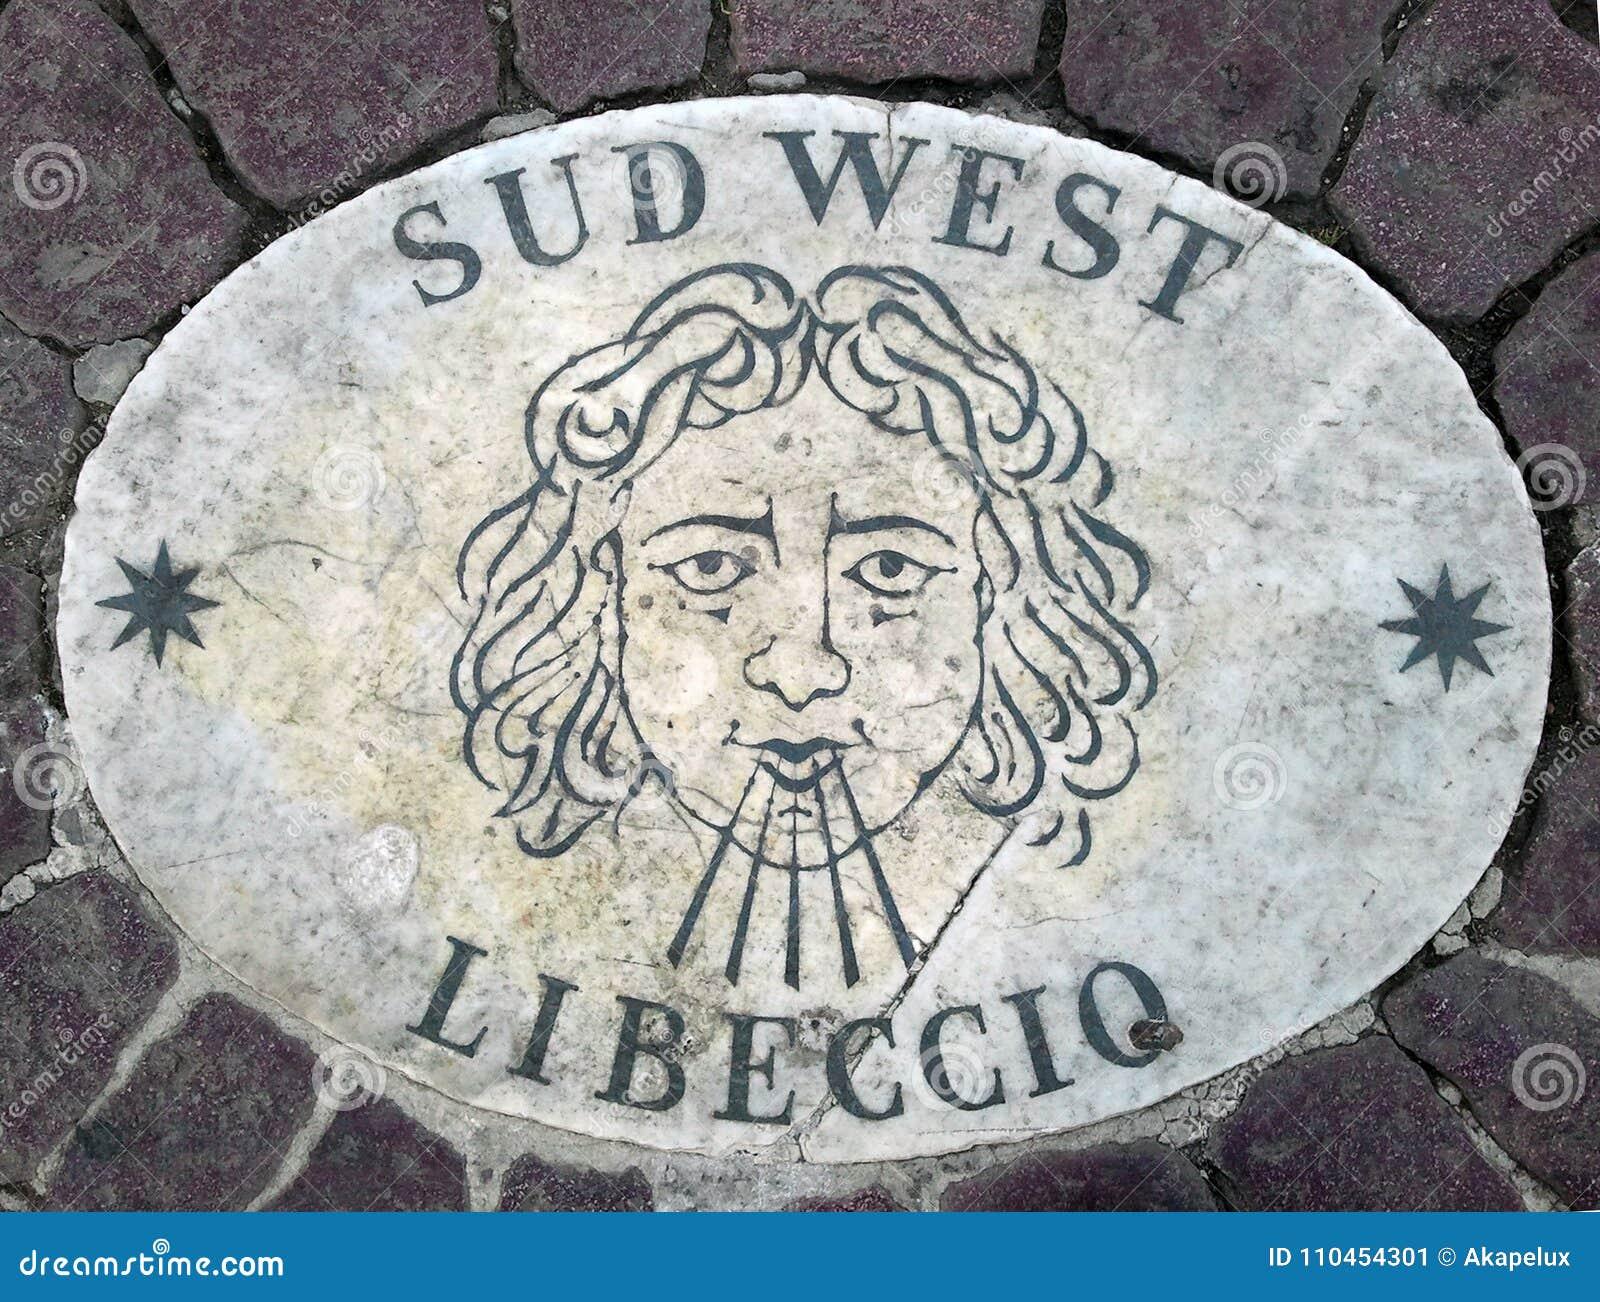 Västra södra västra för Sud - ett huvud som symboliserar riktningen av vinden En forntida bild på en marmortjock skiva i fyrkant